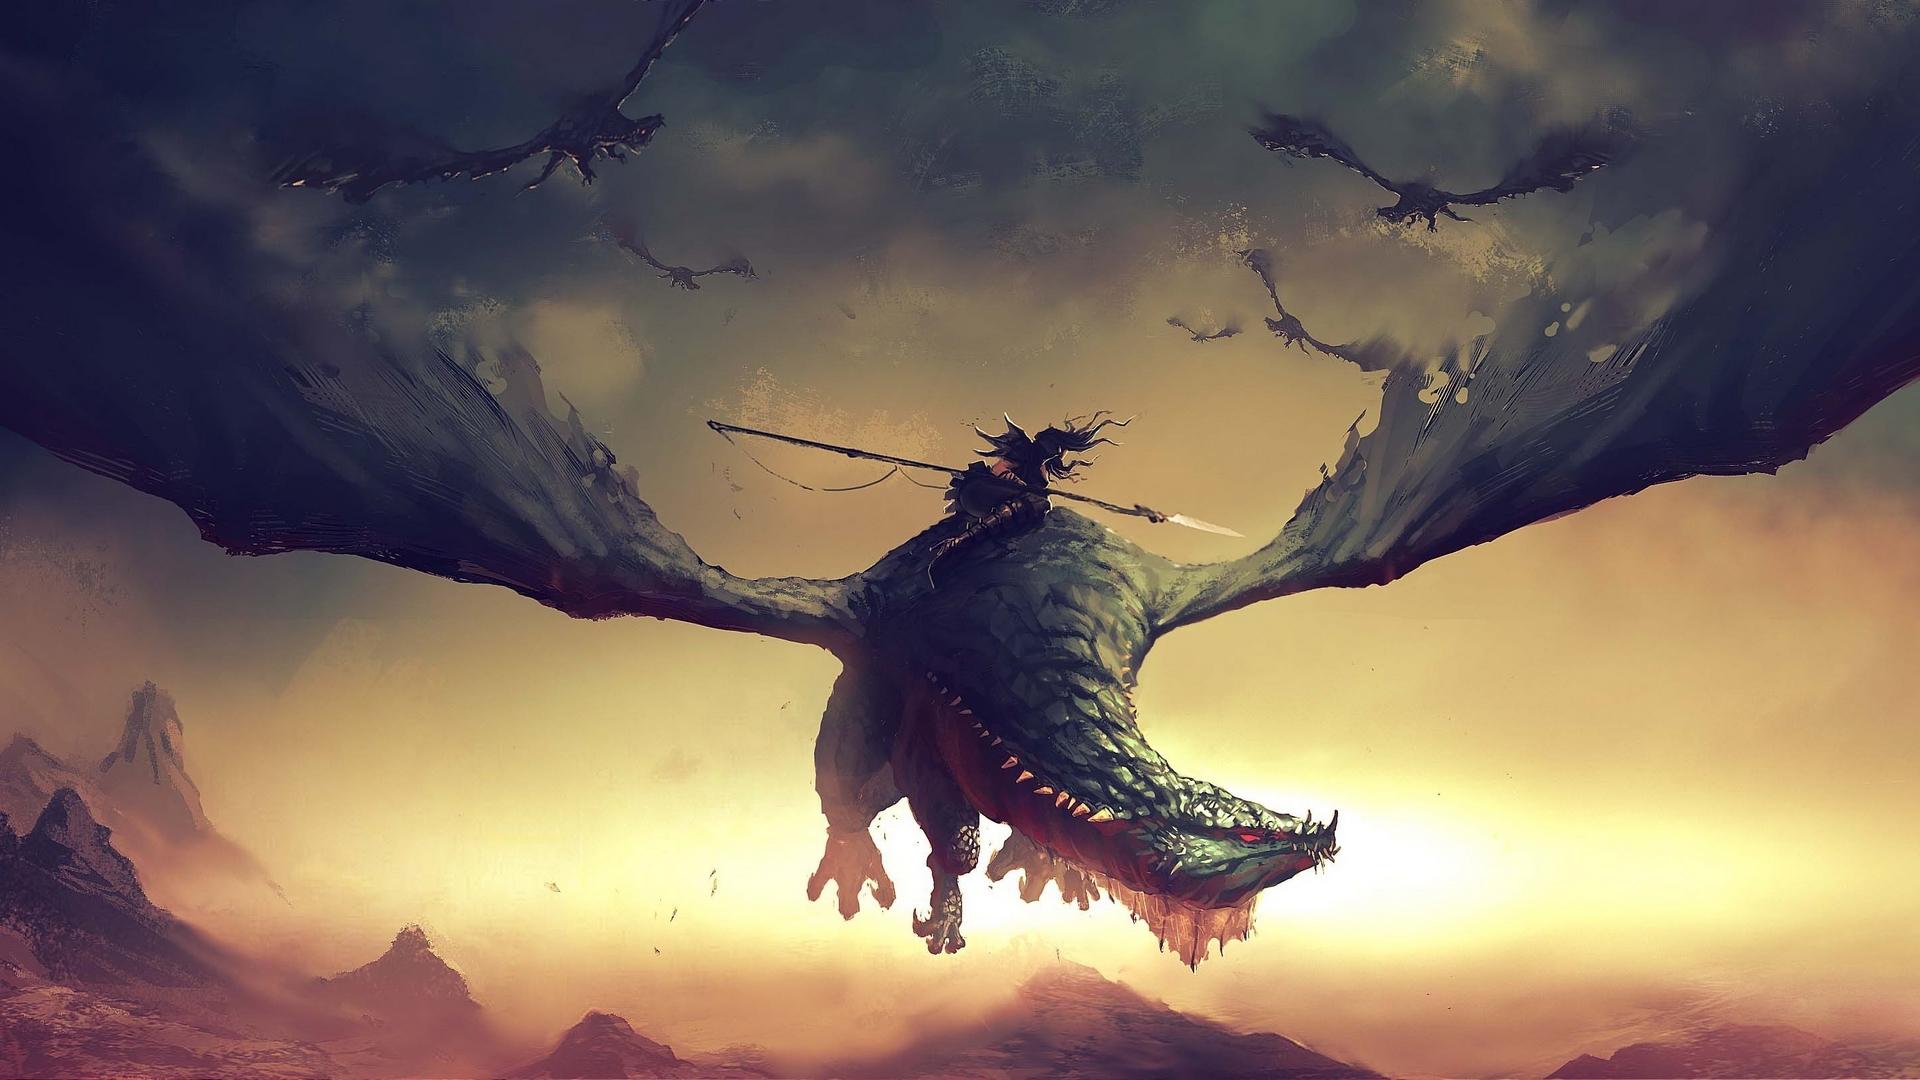 Dragon Woman Warrior Spear 1920x1080